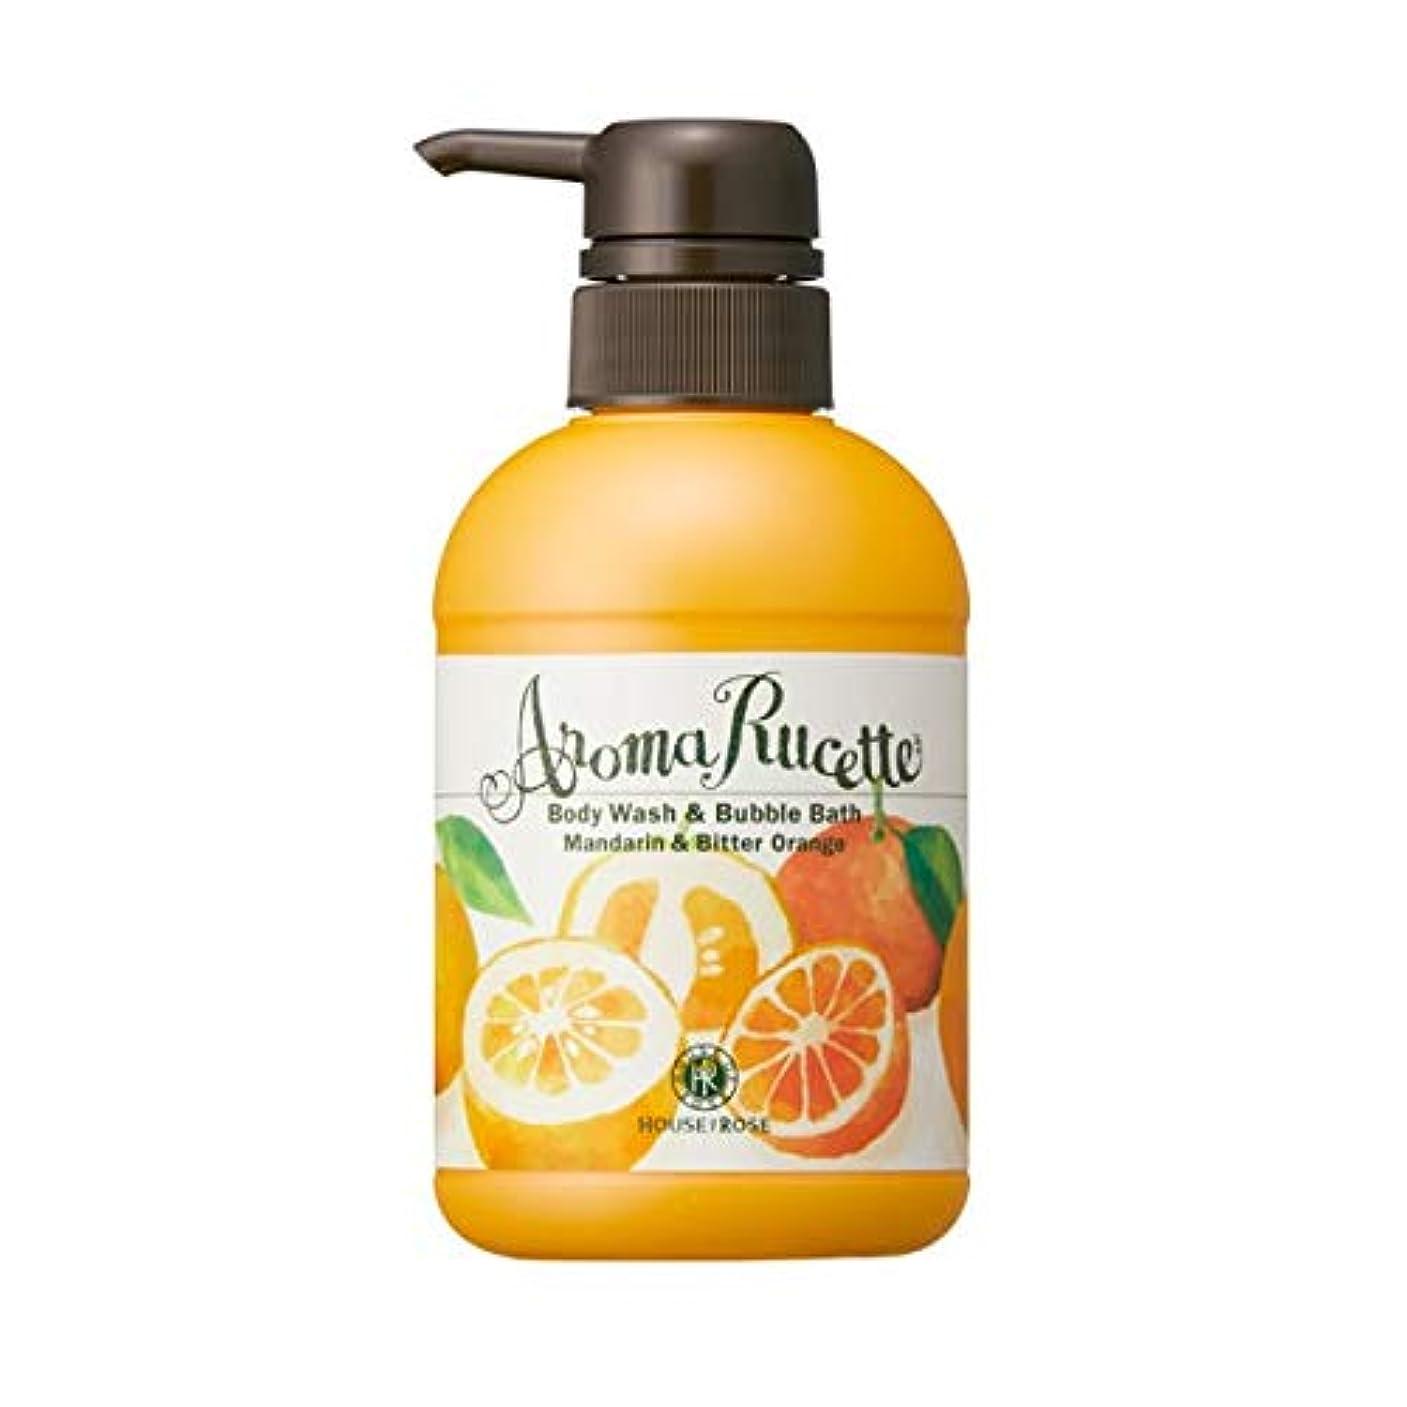 遅い協力するファームHOUSE OF ROSE(ハウスオブローゼ) ハウスオブローゼ/アロマルセット ボディウォッシュ&バブルバス MD&BO(マンダリン&ビターオレンジの香り)350mL